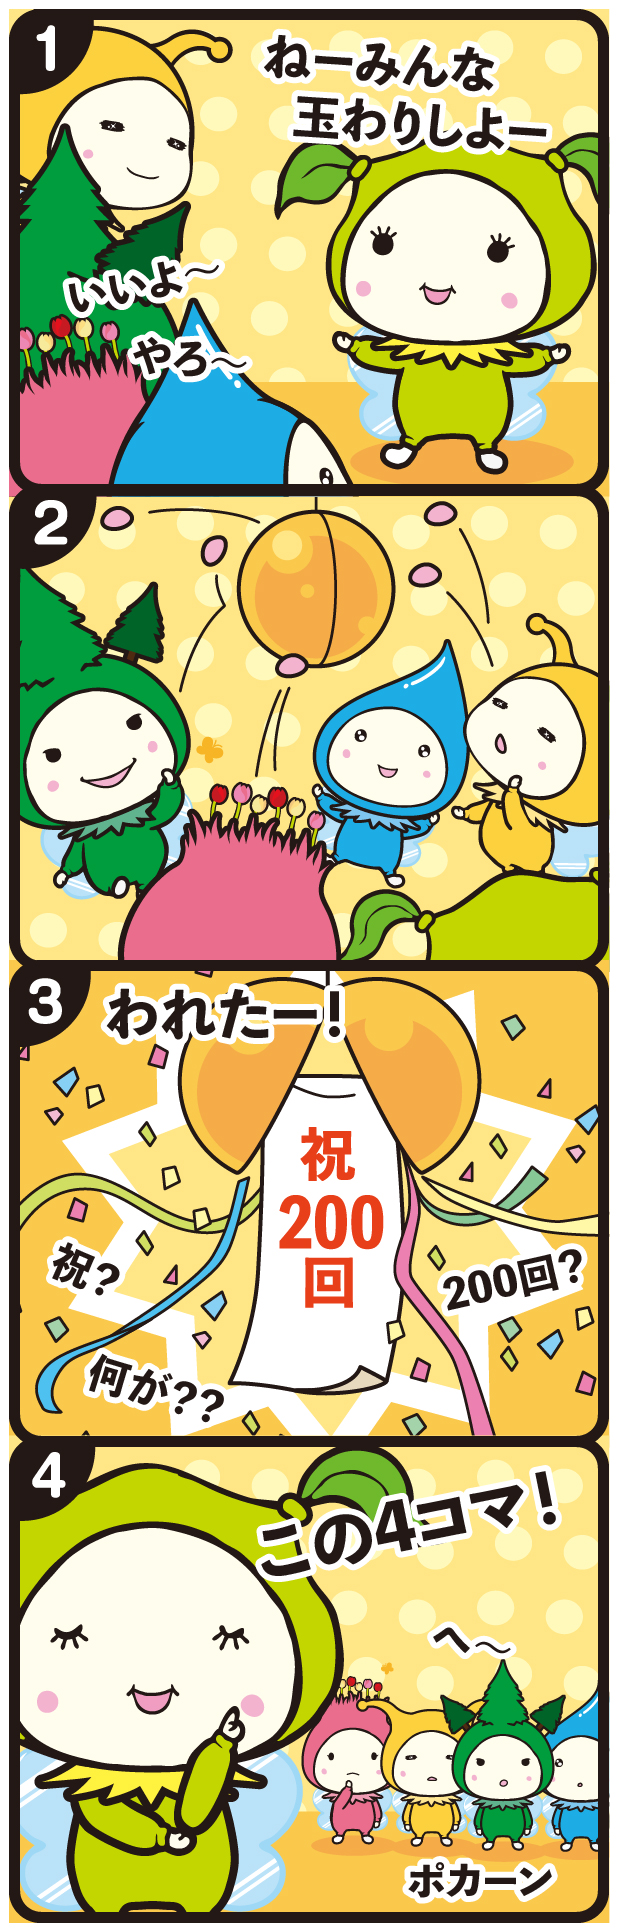 comic_200